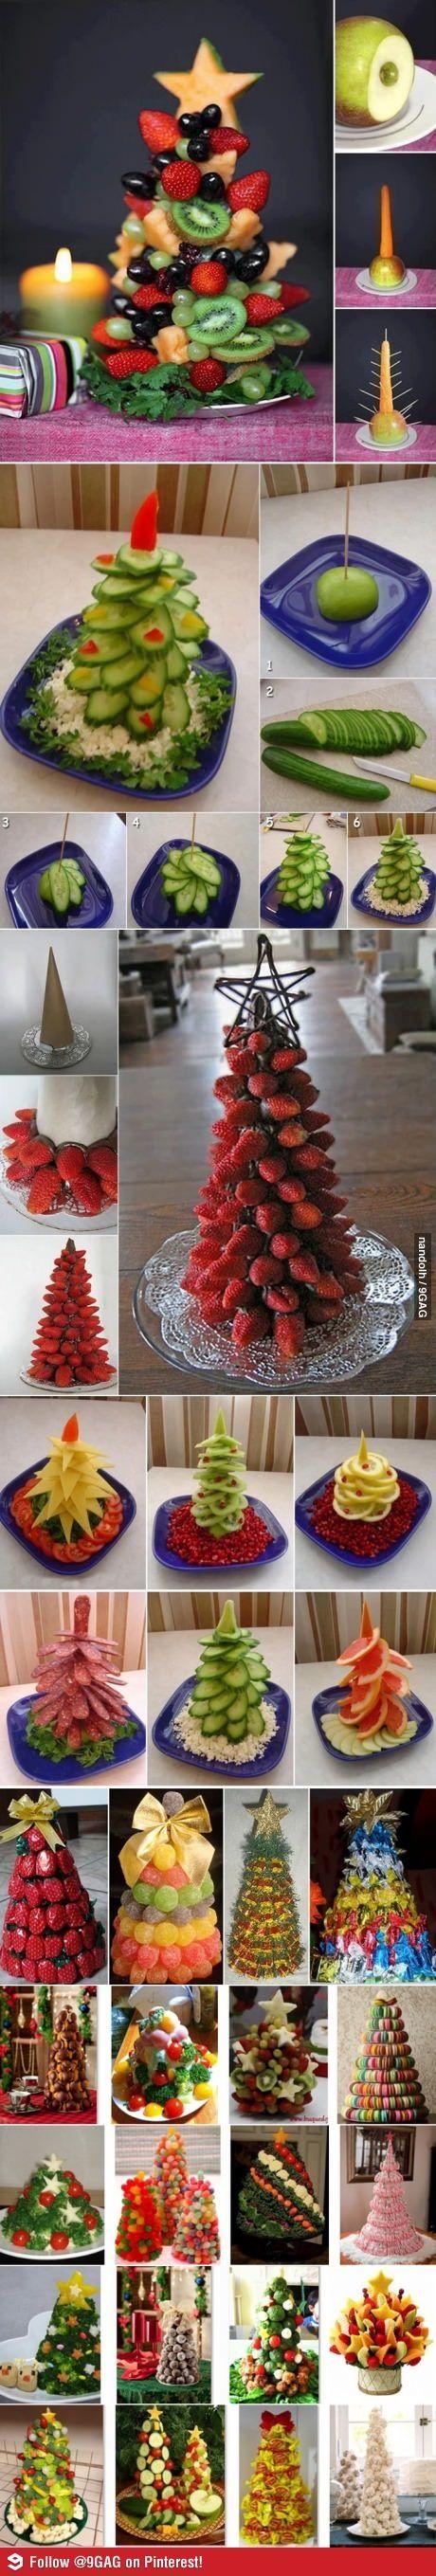 Obst-/Gemüseweihnachtsbäume